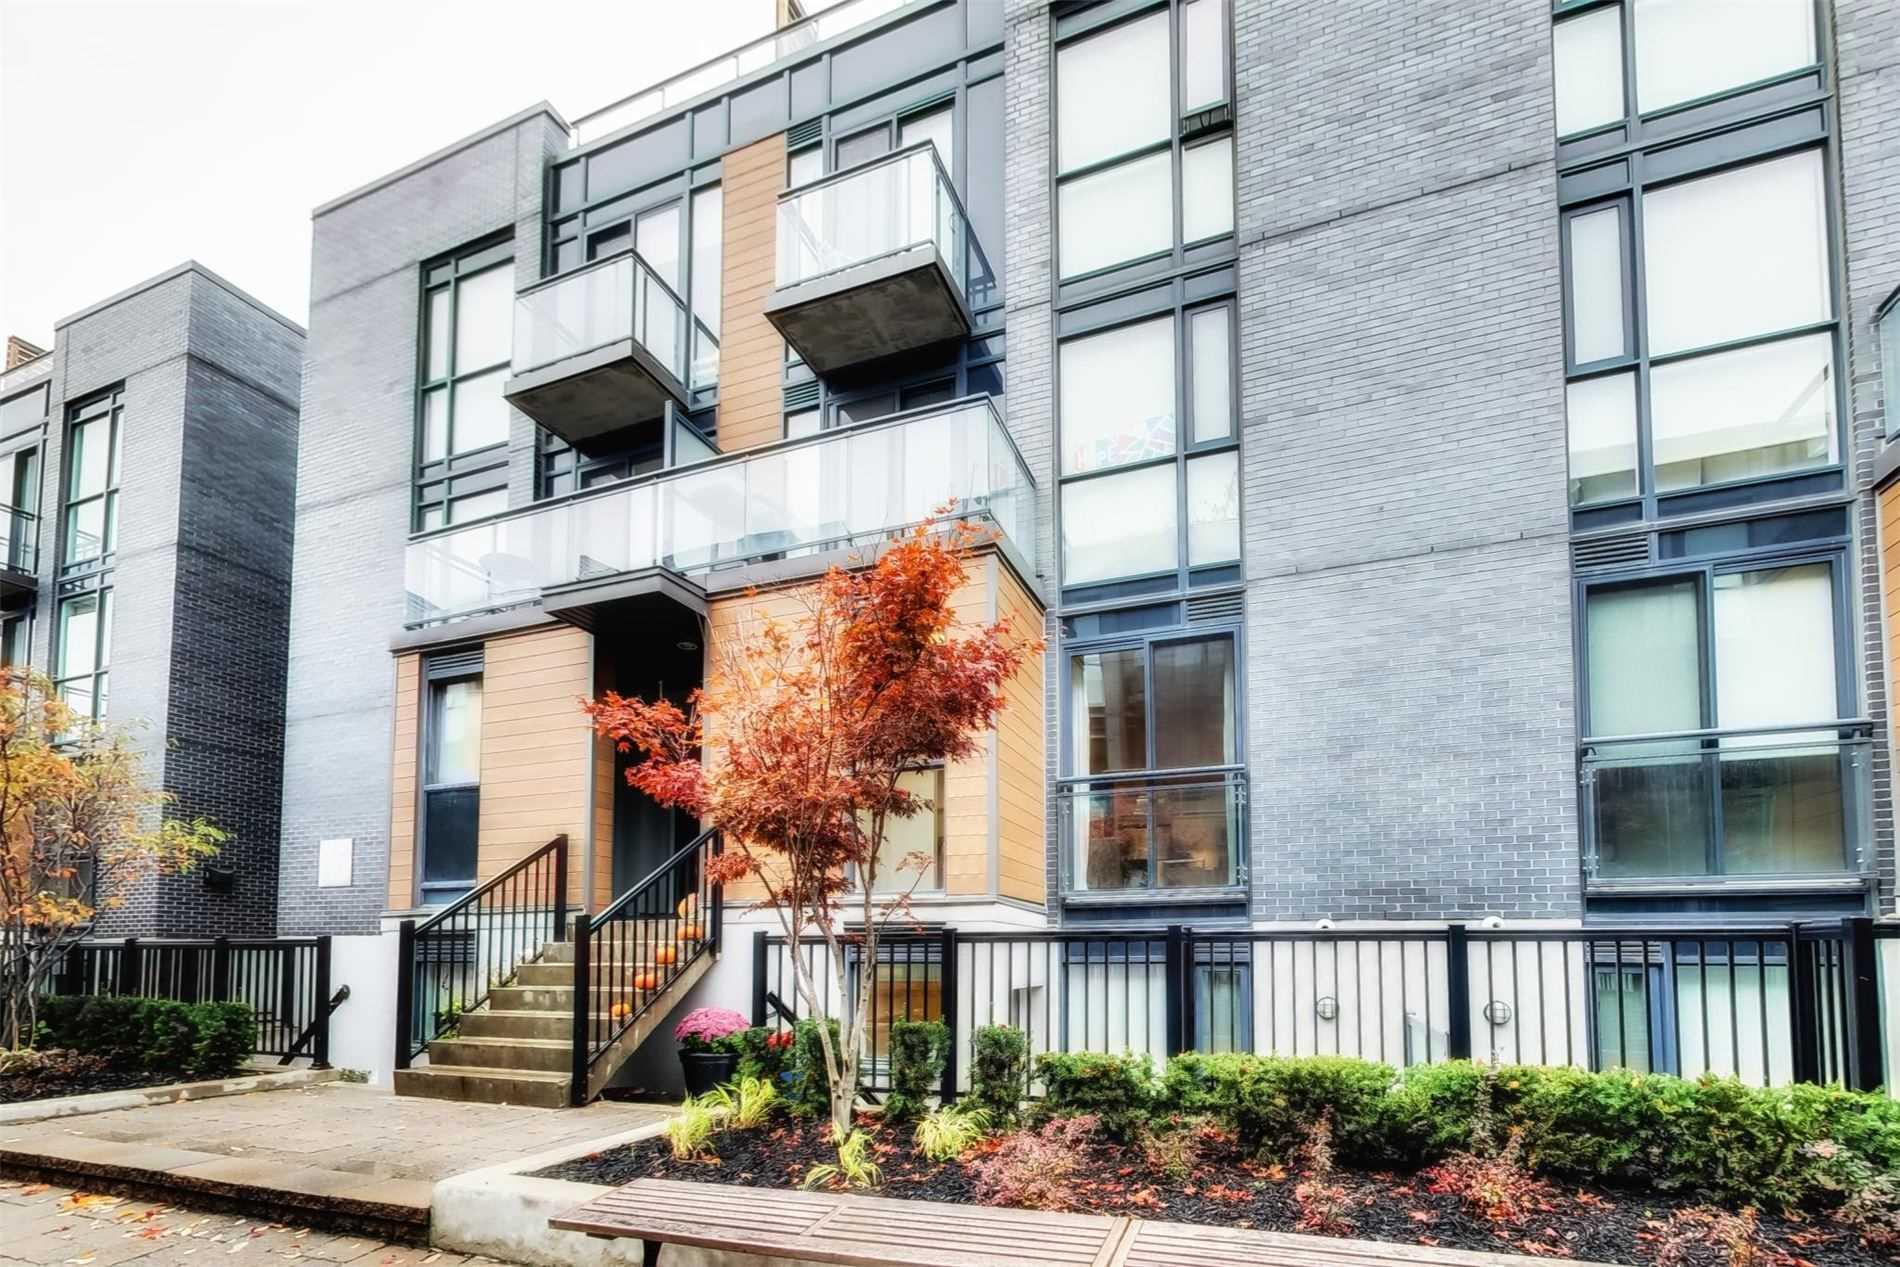 702 - 5 Sousa Mendes St, Toronto, M6P0A8